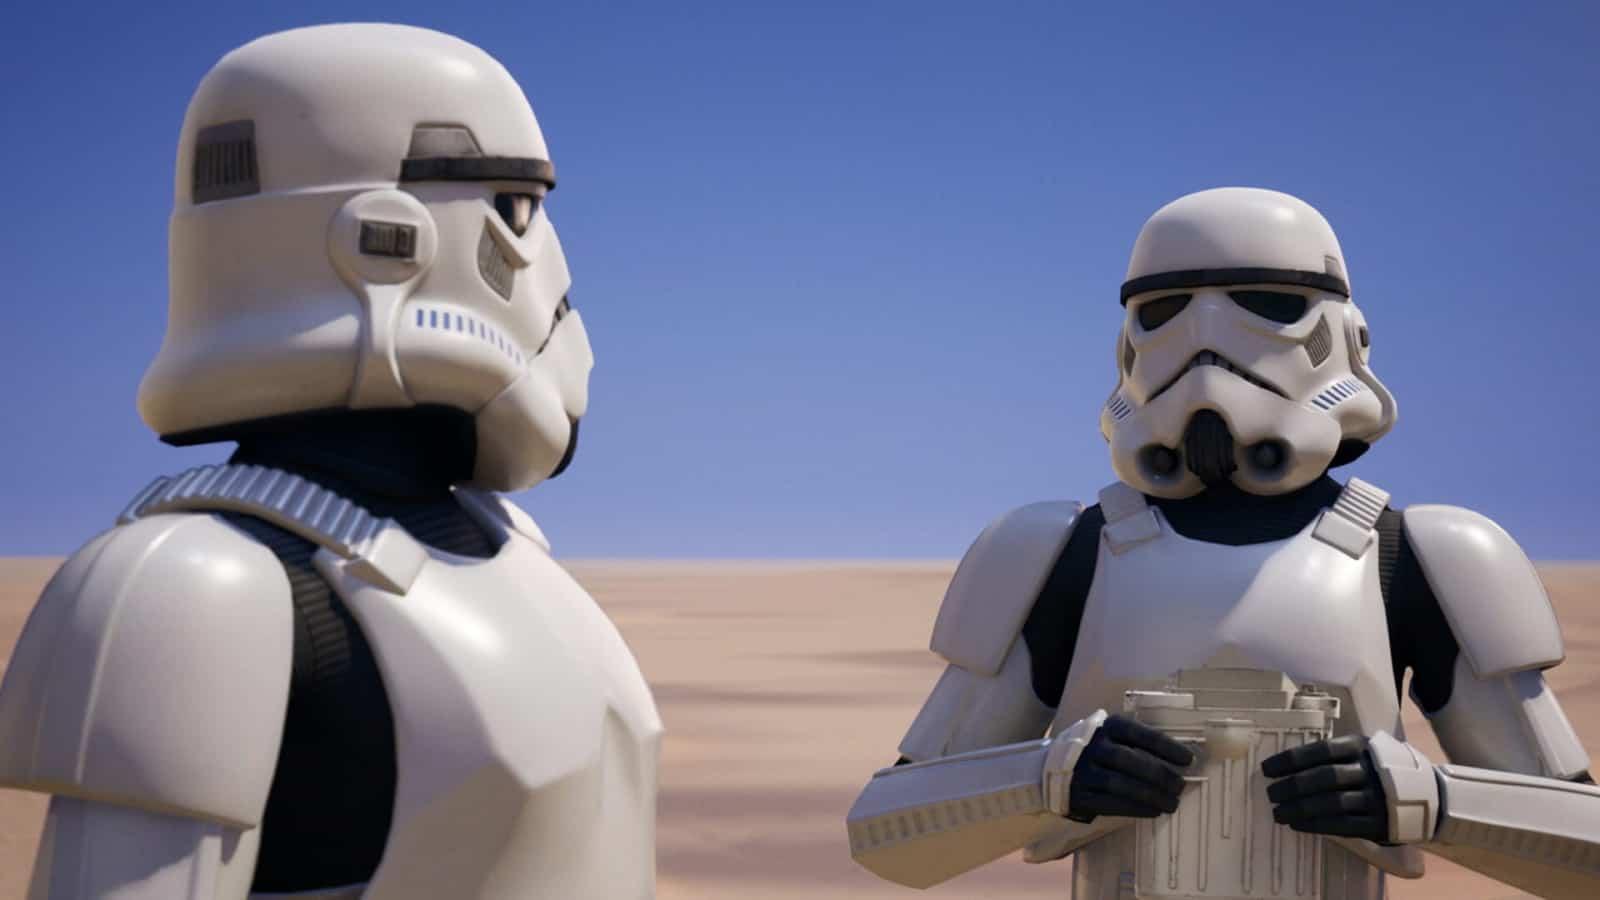 Storm Trooper Wallpaper Funny